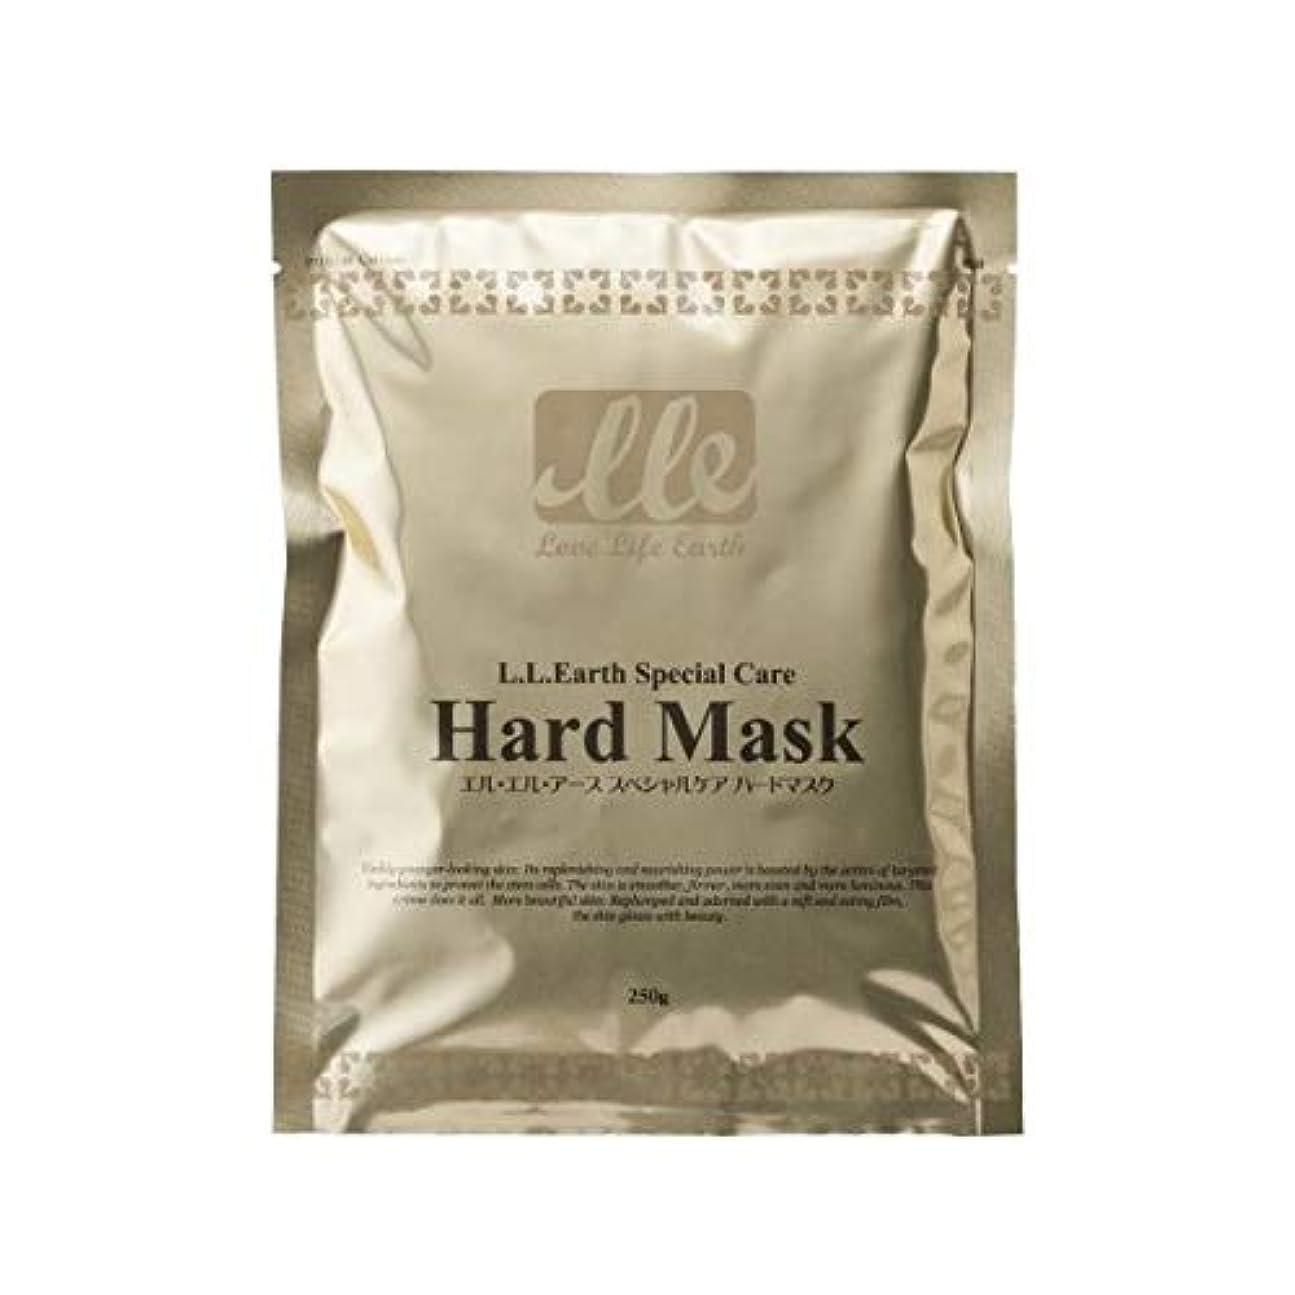 遠え自宅で手紙を書くLLE ハードマスク 業務用 250g×5 石膏パック フェイスパック パック エステ用品